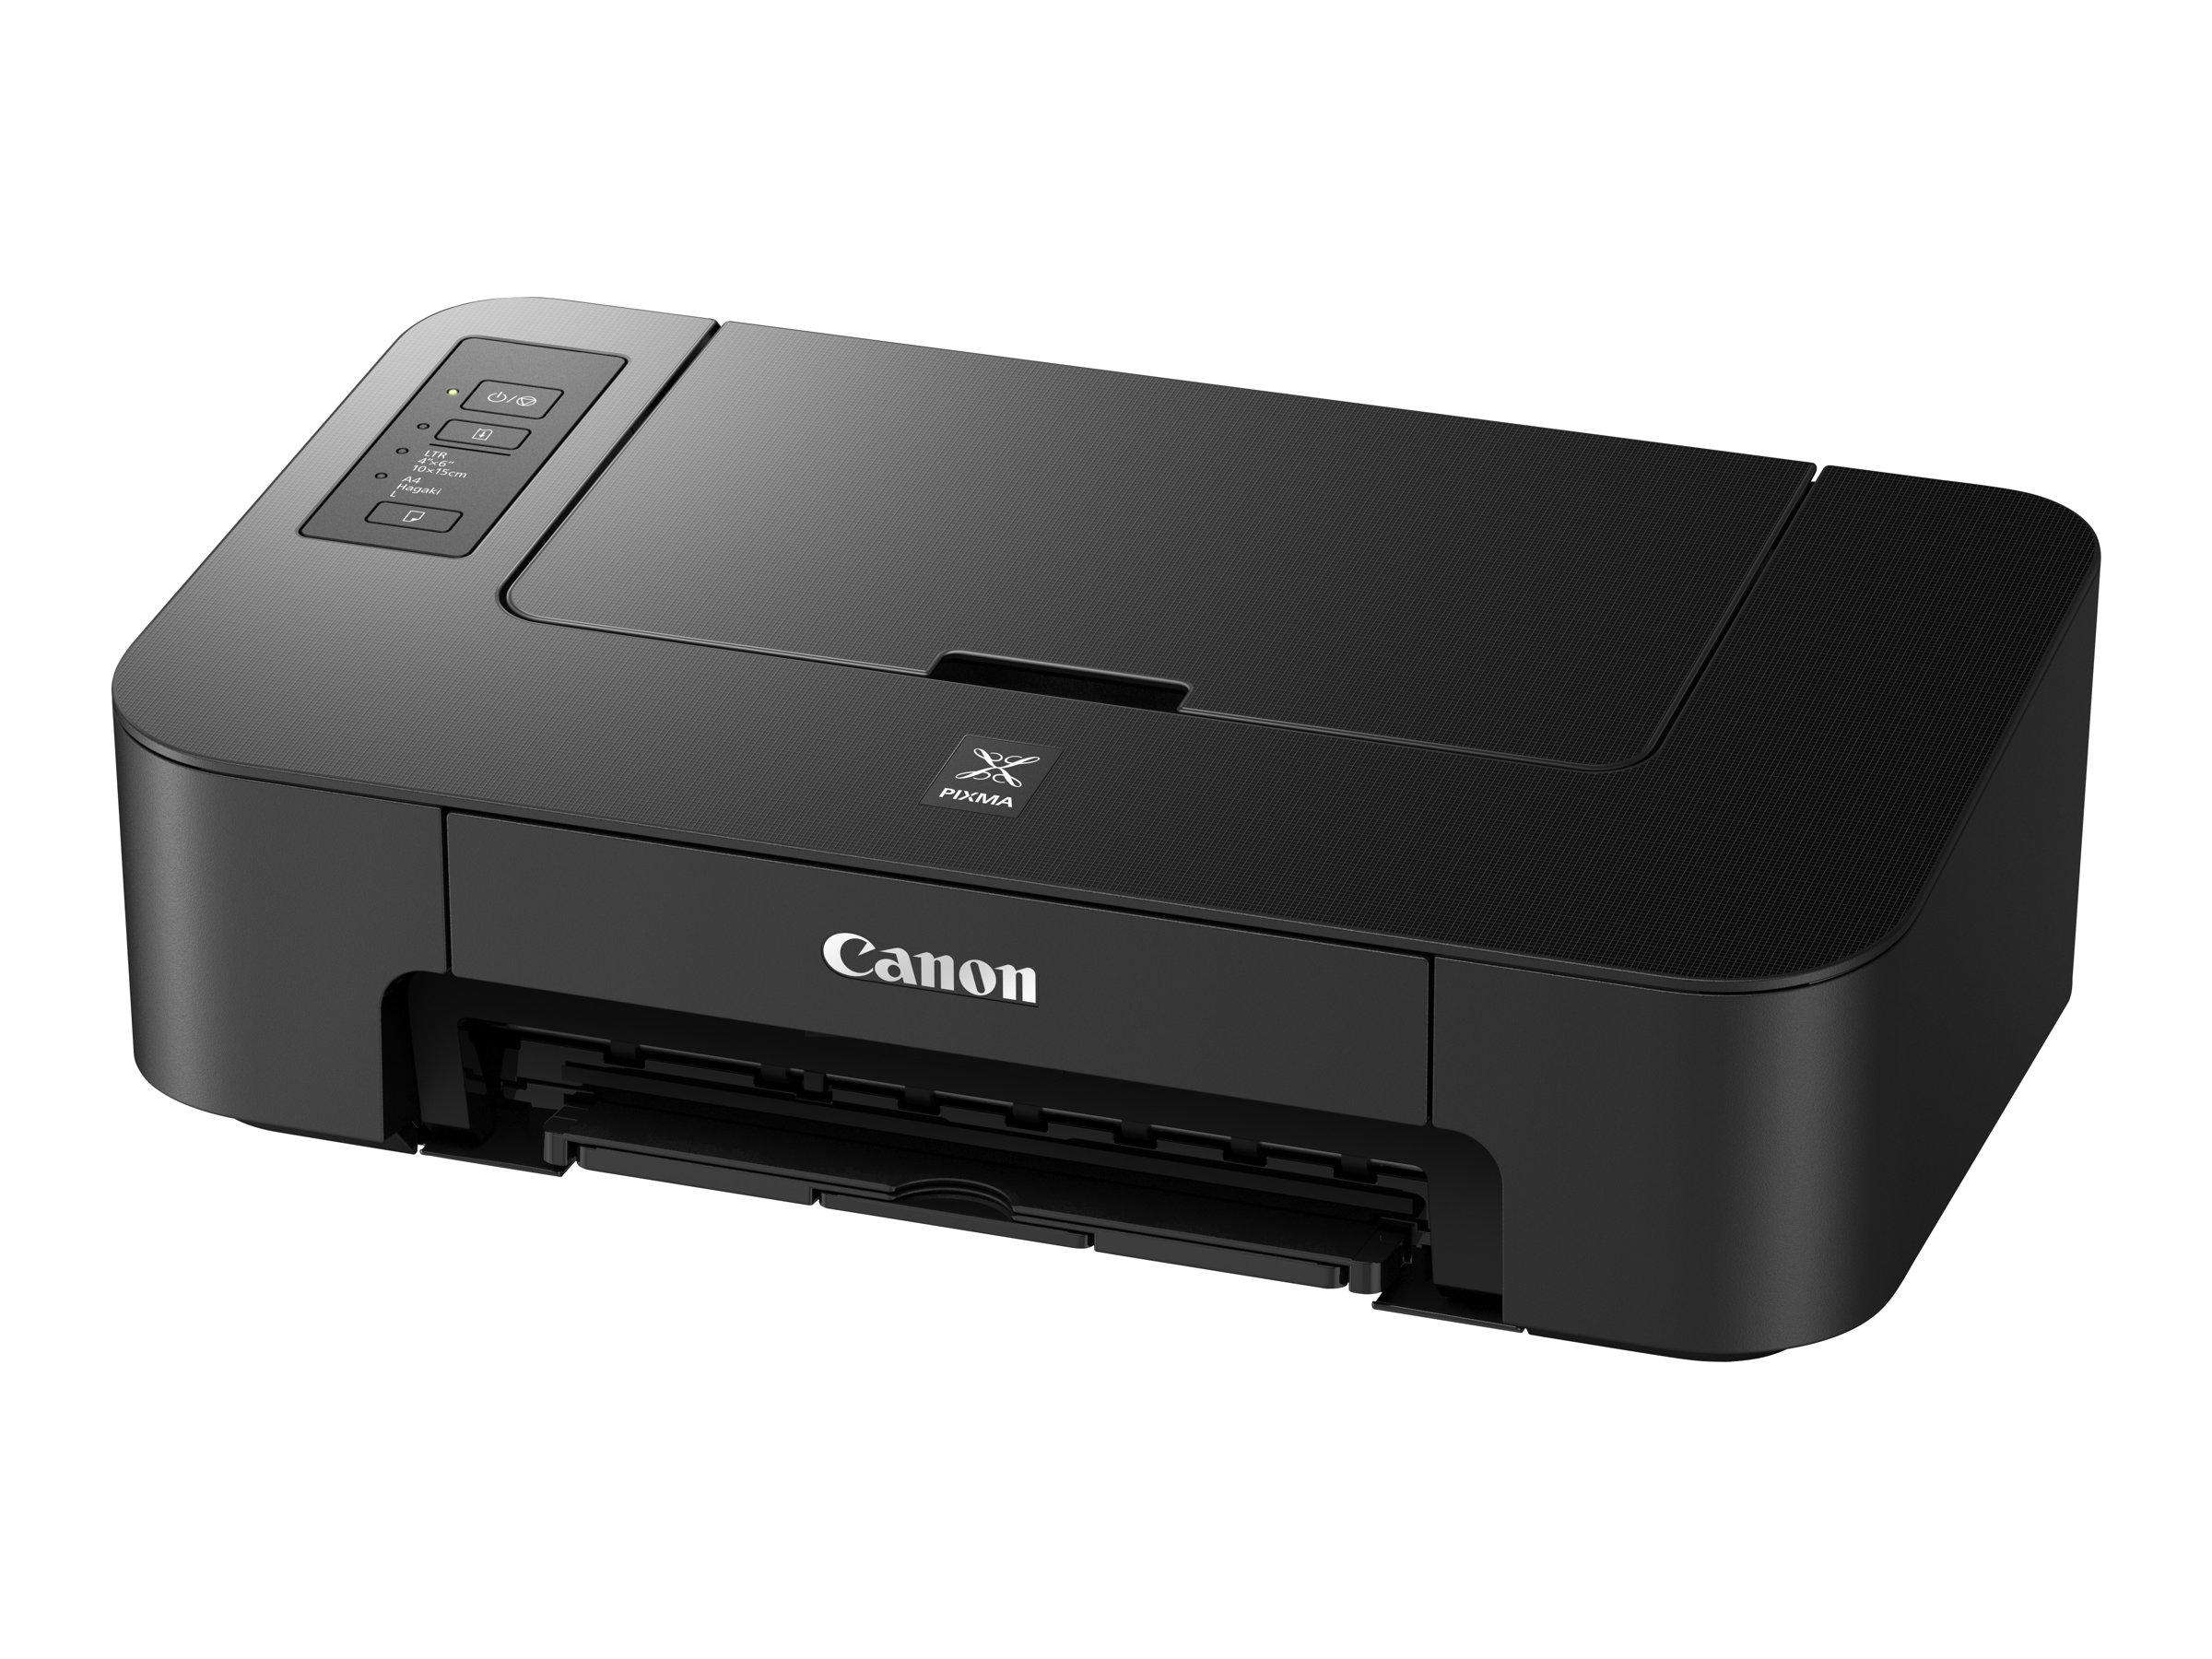 Canon PIXMA TS205 - Drucker - Farbe - Tintenstrahl - A4/Letter - bis zu 7.7 ipm (einfarbig)/